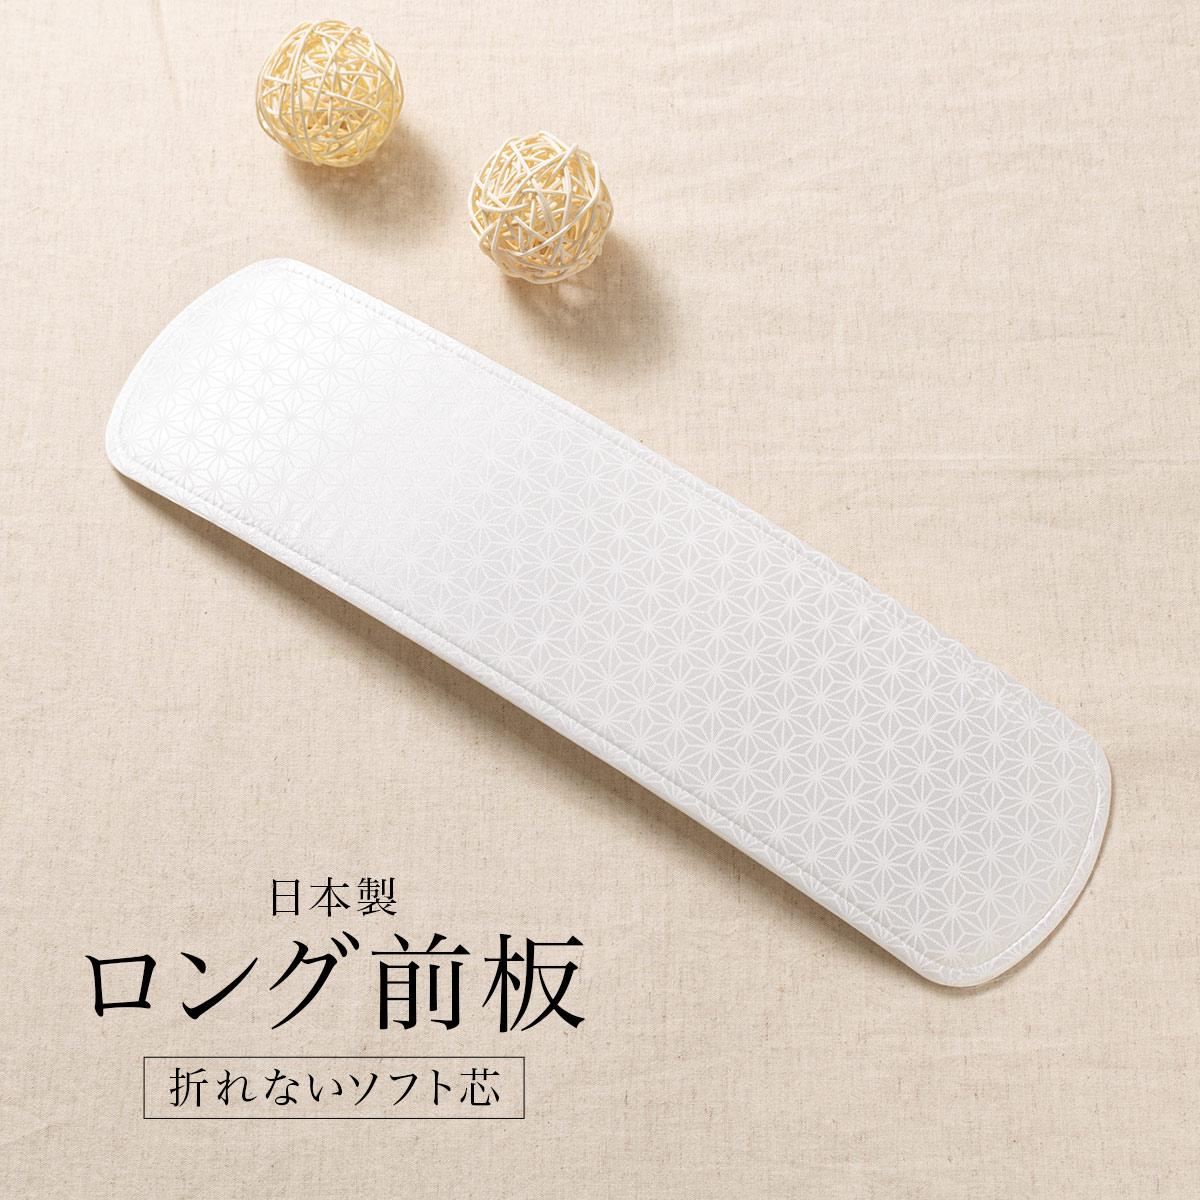 前板,ソフト芯,白,着付け小物,東京すがた,日本製a